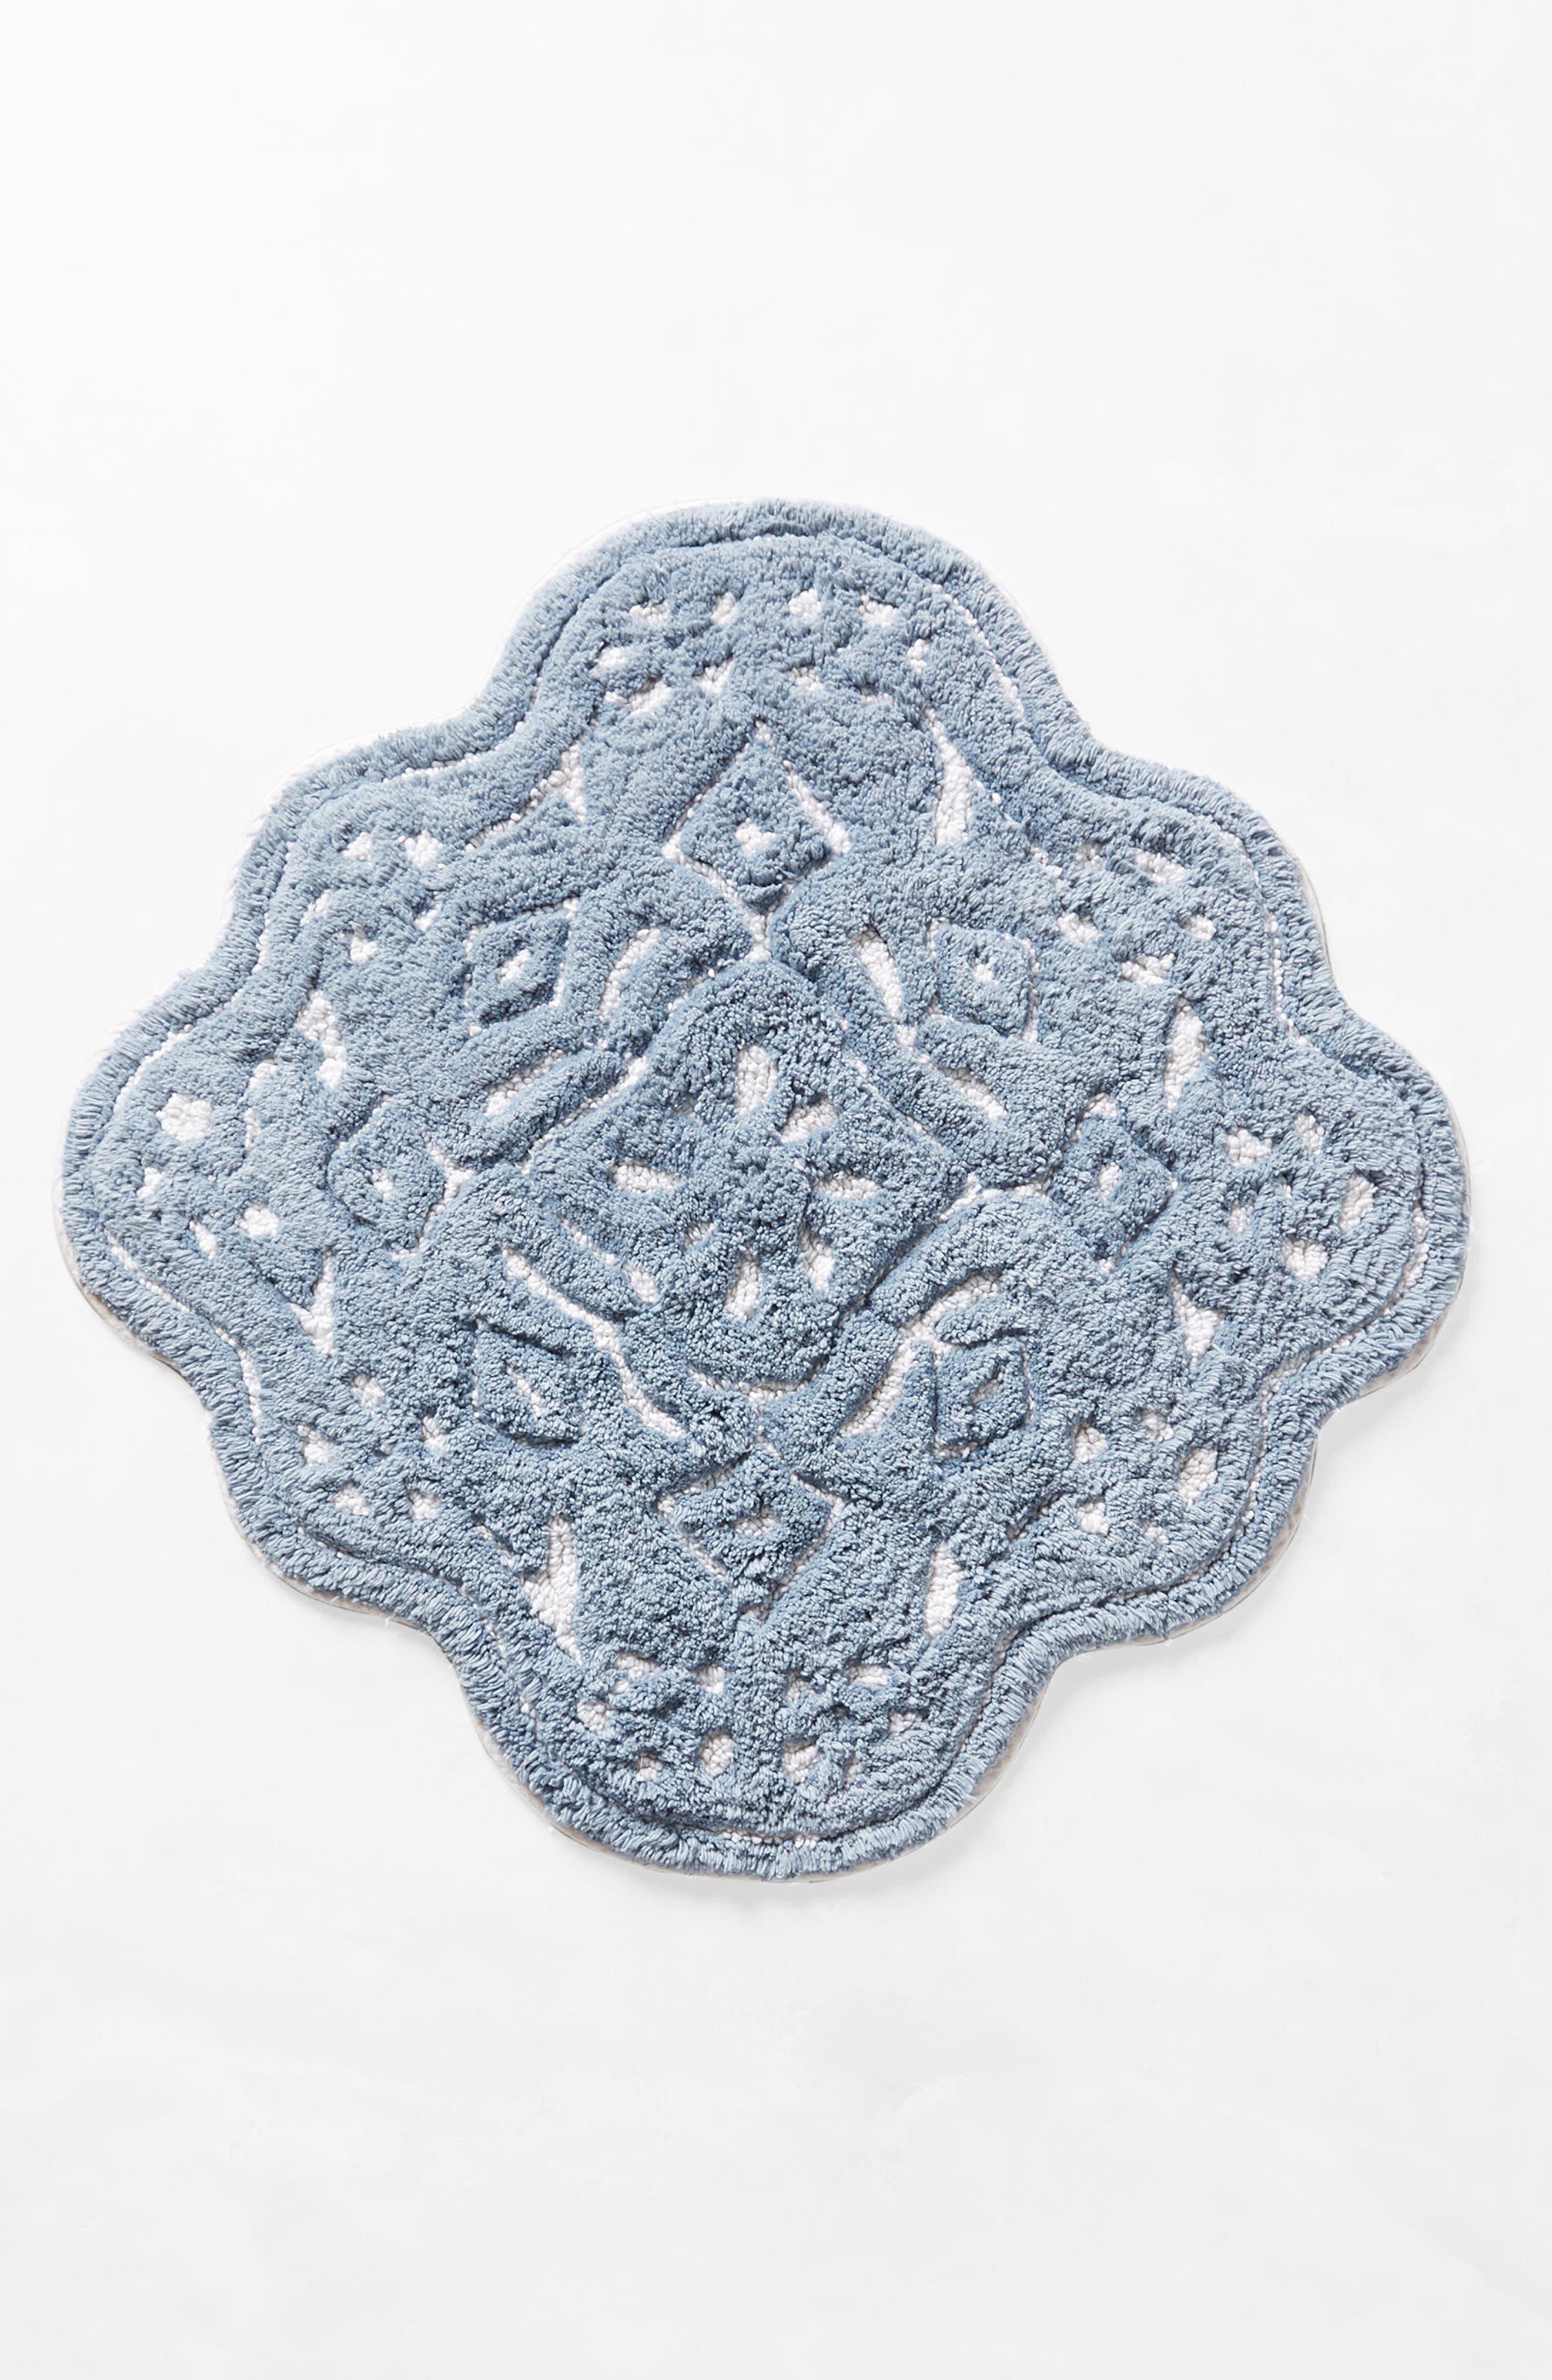 Mosaic Tile Bath Mat,                             Alternate thumbnail 2, color,                             Blue